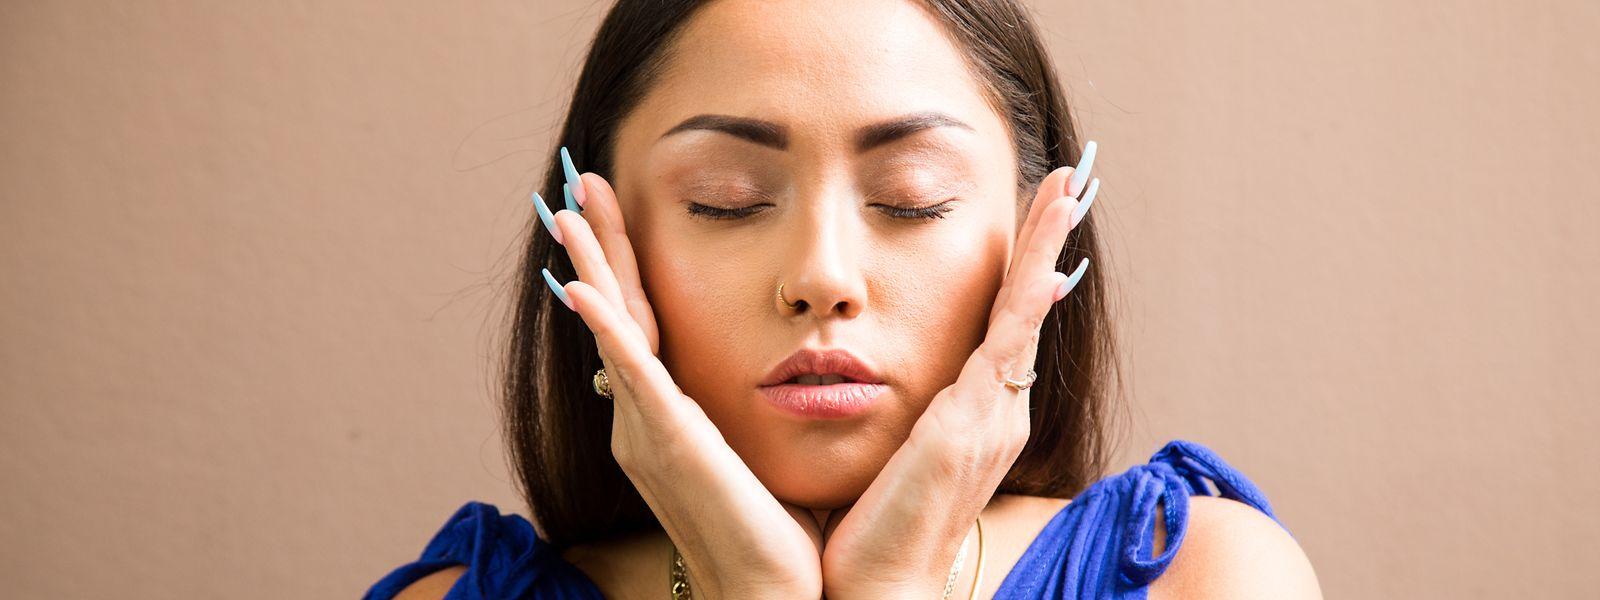 Gesichtsyoga soll Entspannung bringen - und vielleicht noch mehr. Experten warnen aber vor übersteigerten Erwartungen.